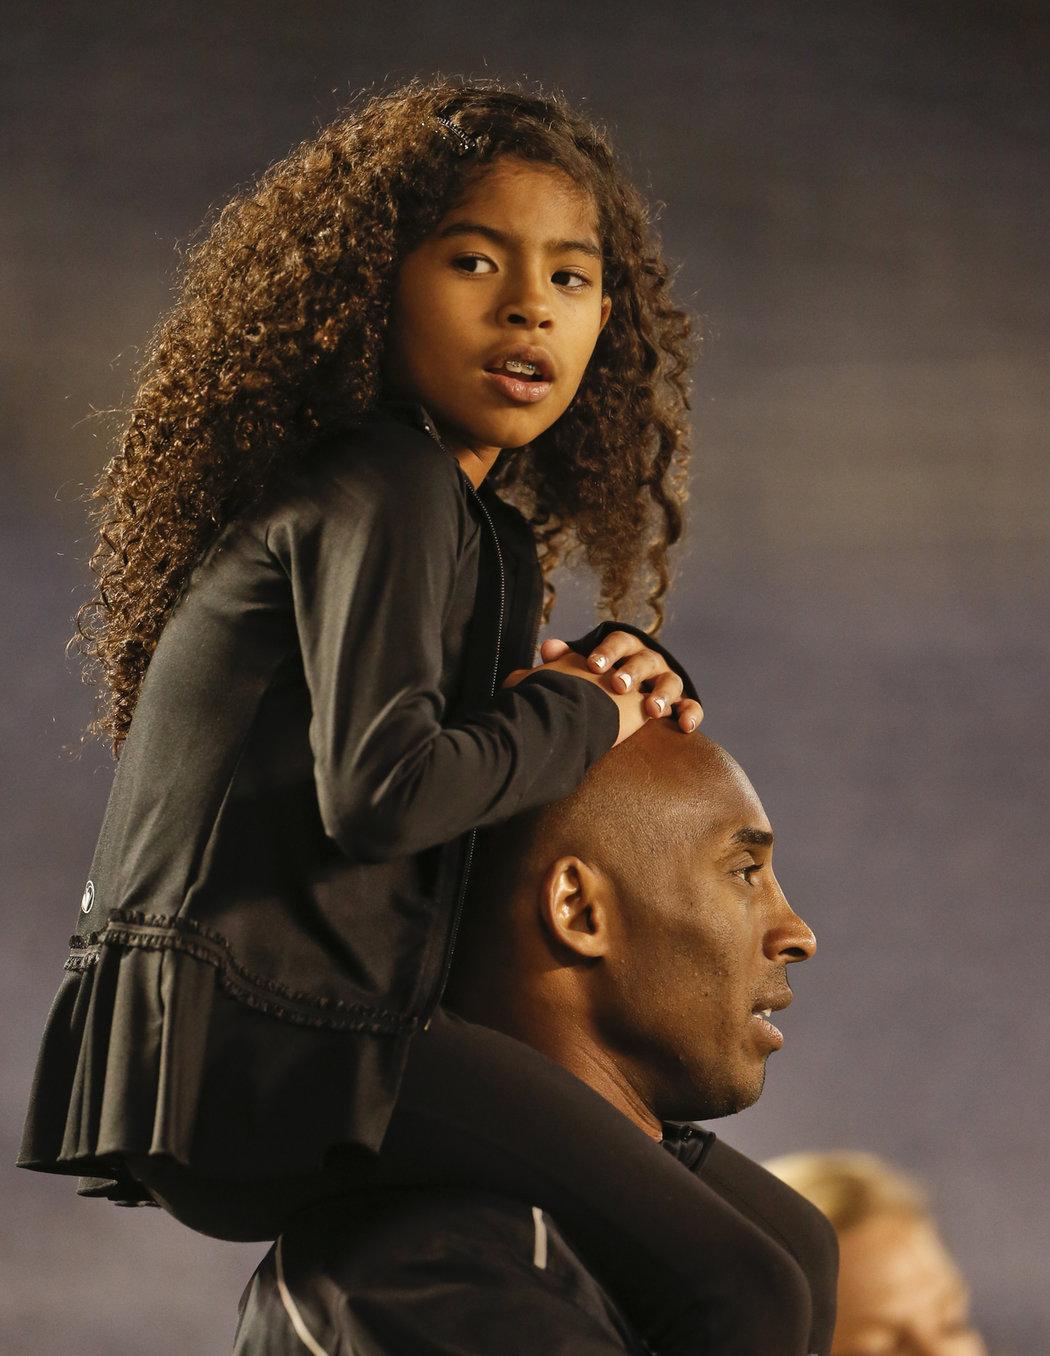 Kobe Bryant zahynul při nehodě soukromého vrtulníku  společně se svou 13letou dcerou Gigi